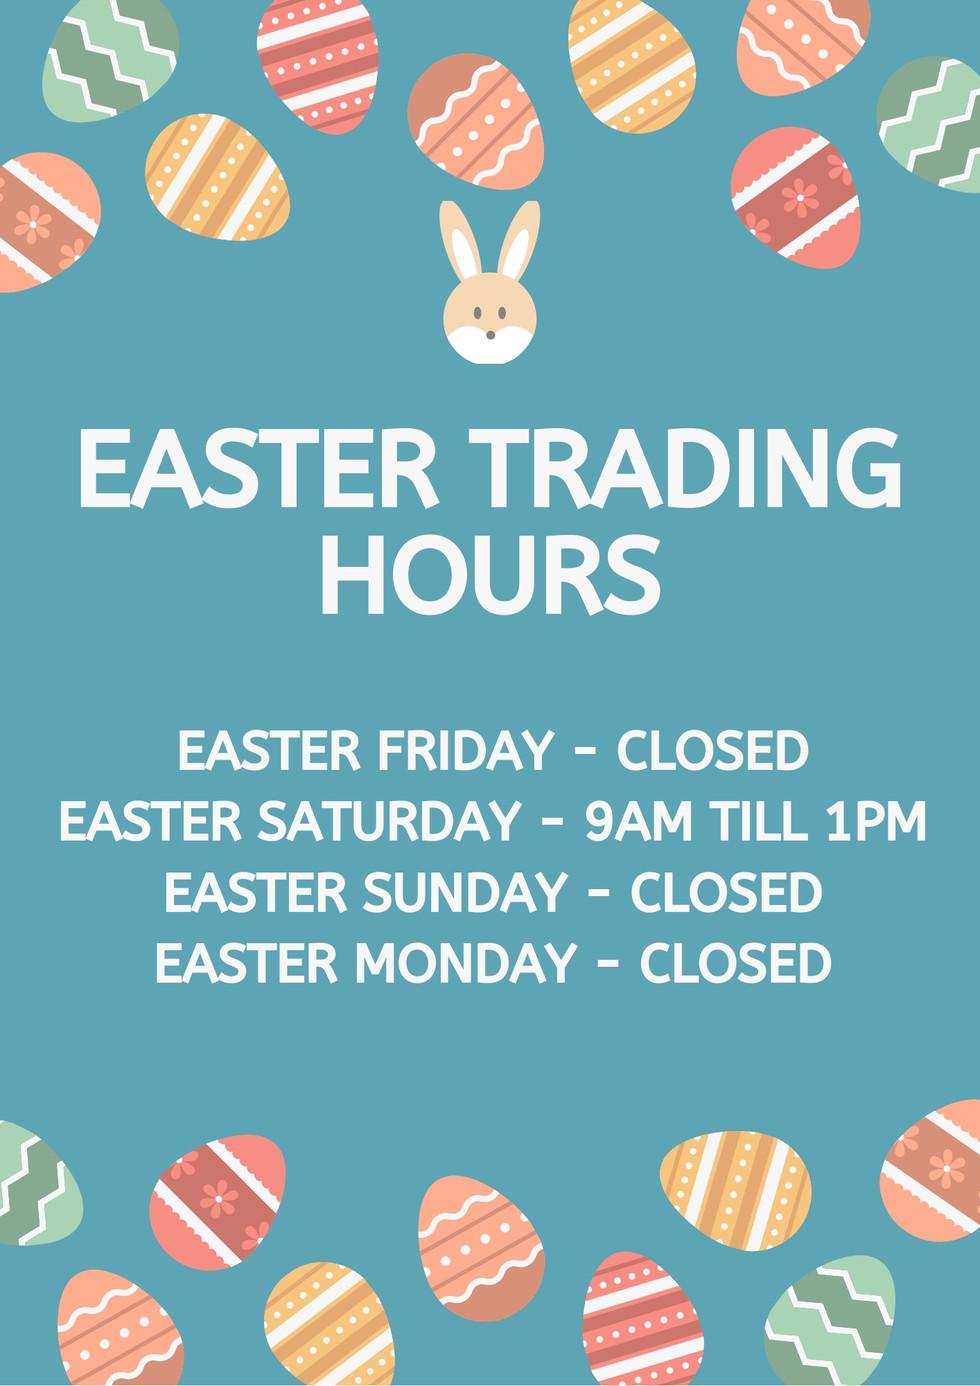 easter trading hours.jpg